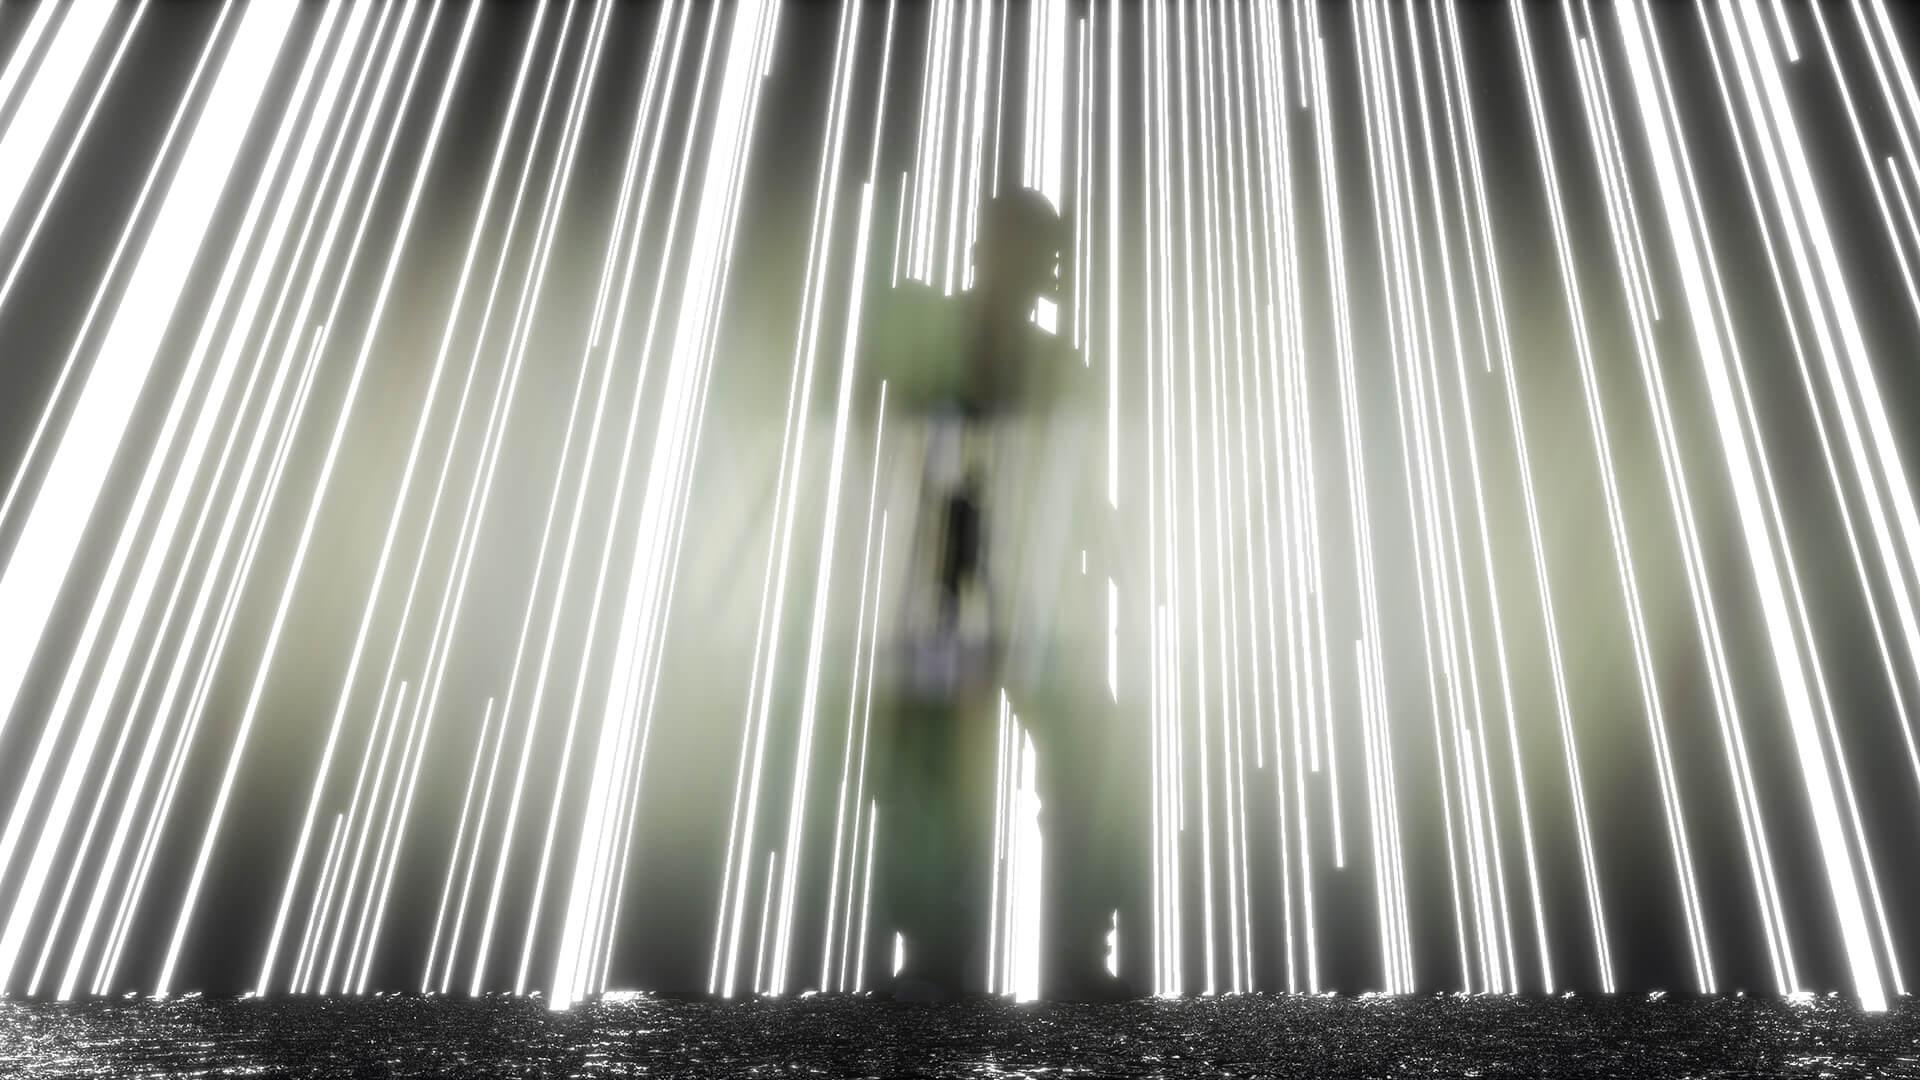 kZmがクリエイティブ集団・PARTYとコラボしたヴァーチャルライブ <VIRTUAL DISTORTION>を開催決定|野田洋次郎、BIM、LEXら出演 music200722_kzm_5